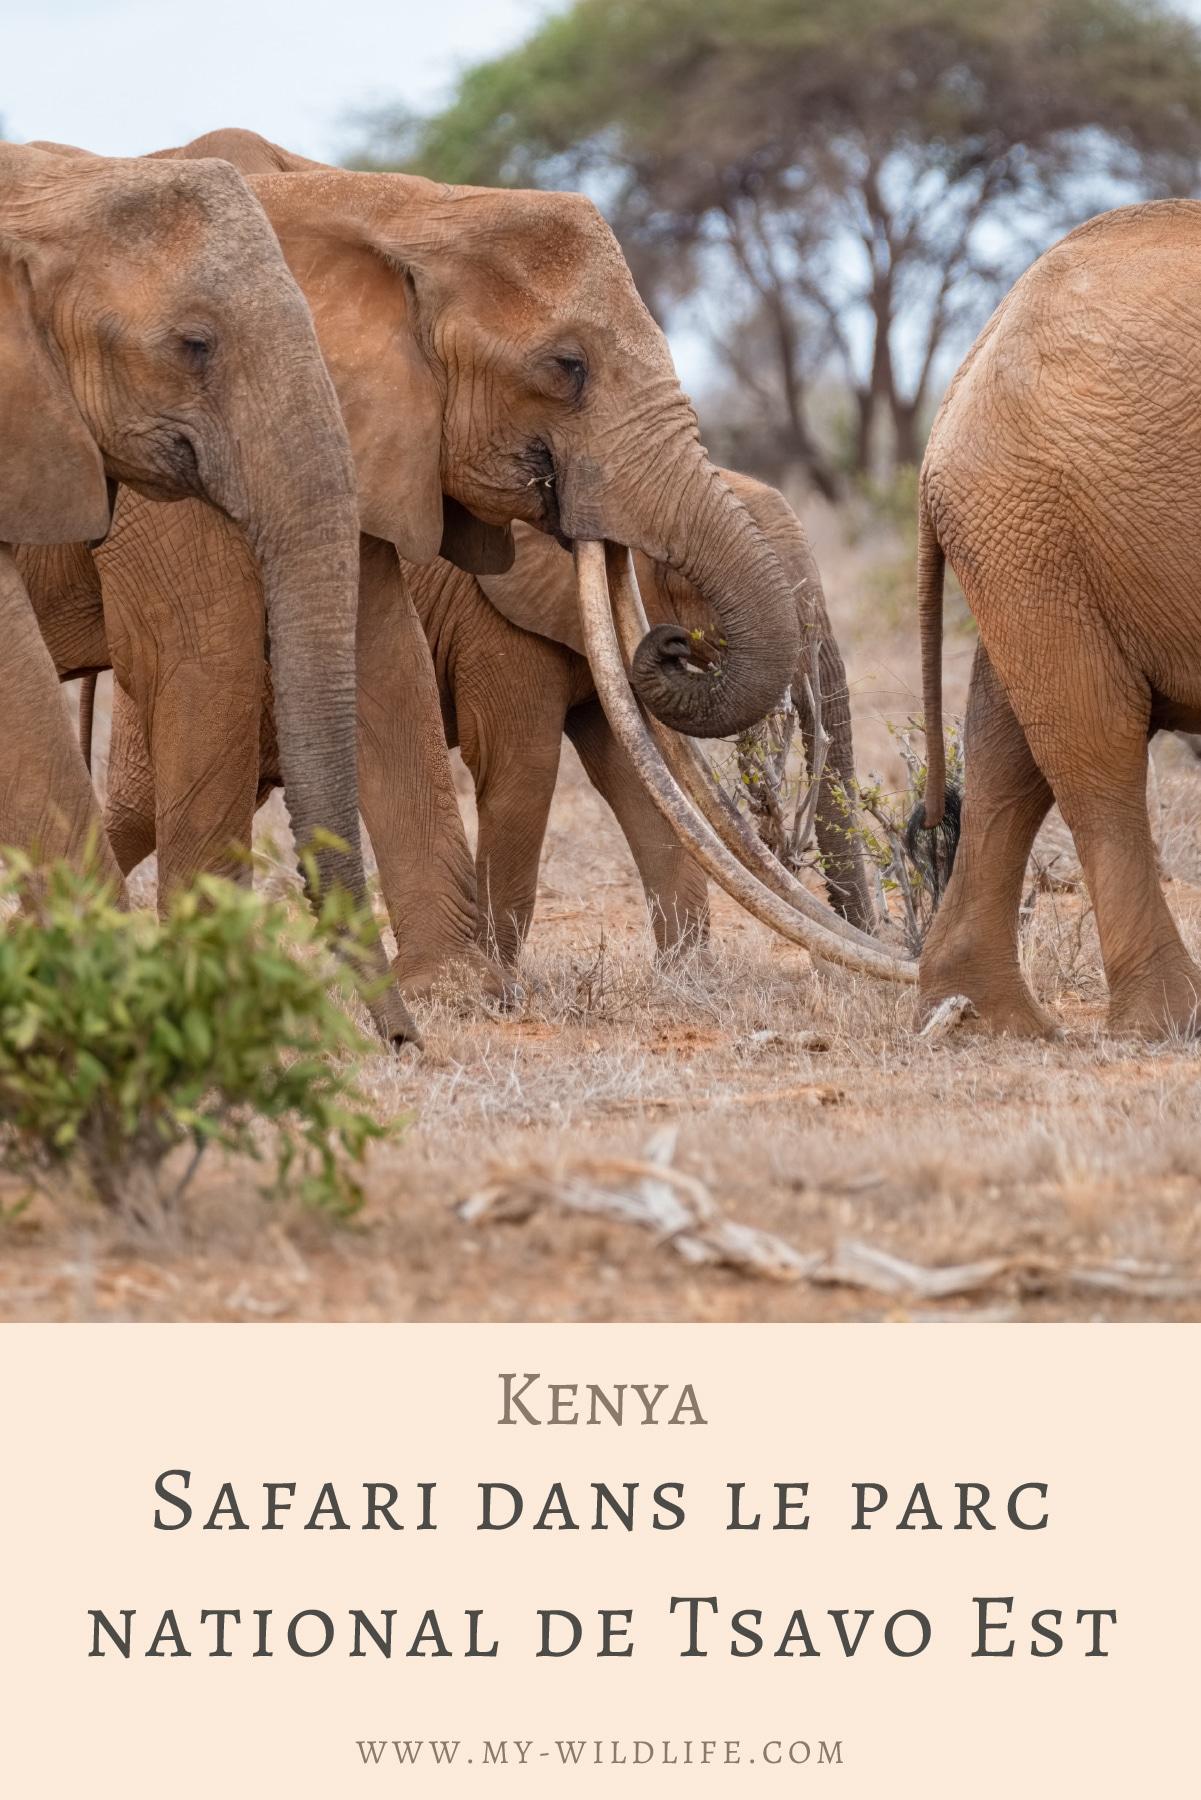 Safari-dans-le-parc-national-de-Tsavo-Est-01